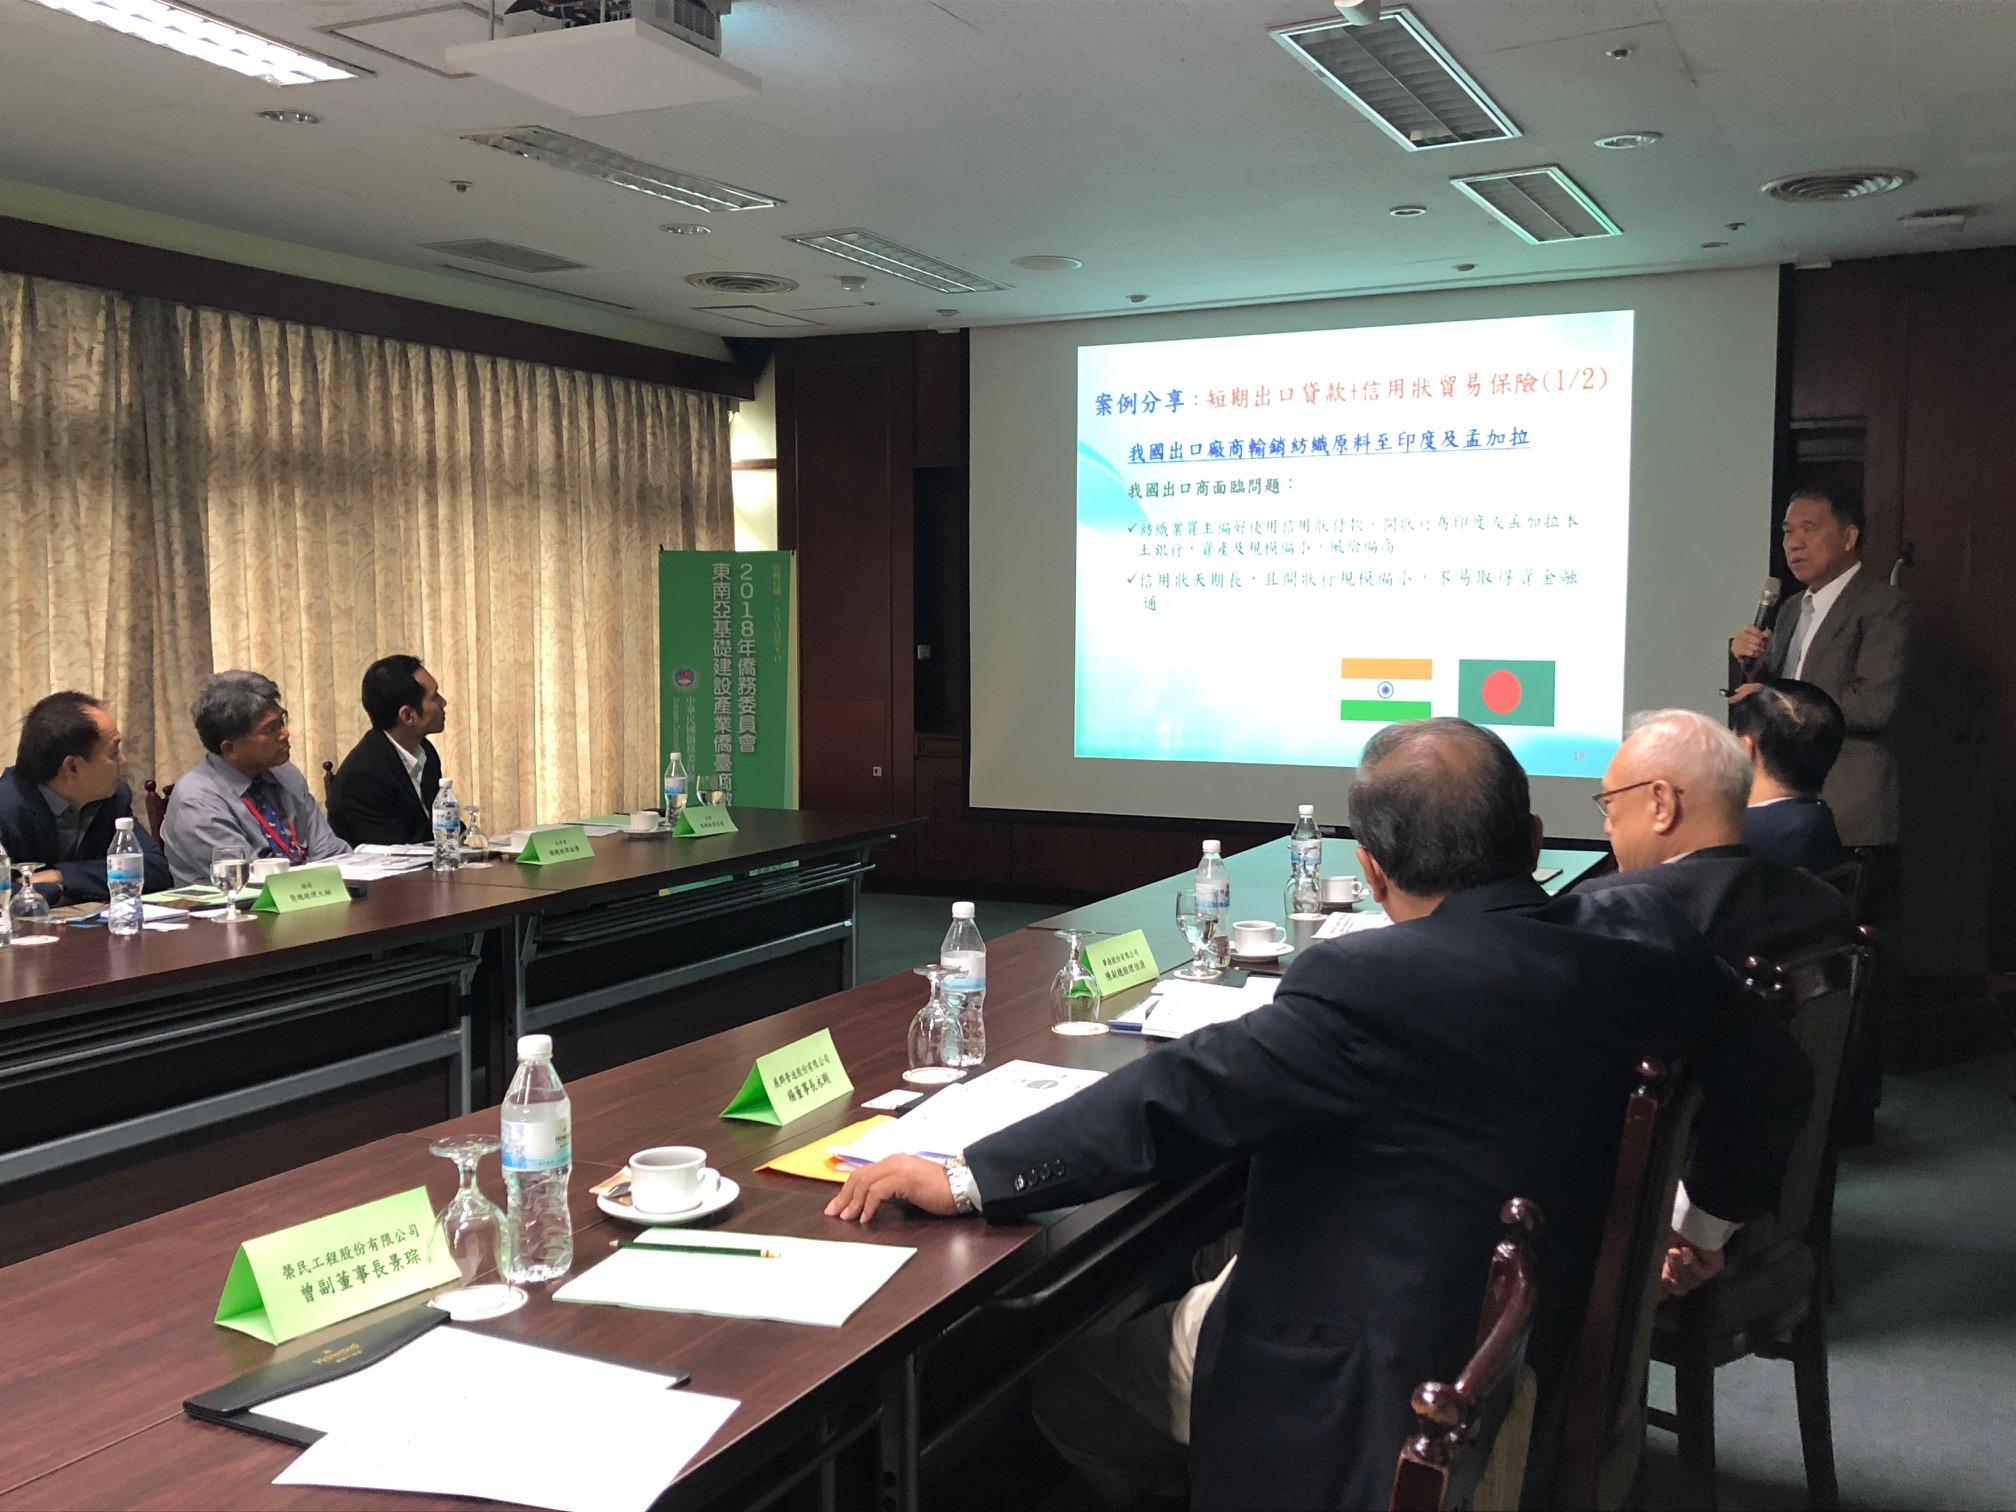 圖片說明-輸出入銀行參與「基礎建設標案論壇」與國內外工程業者分享新南向金融支援